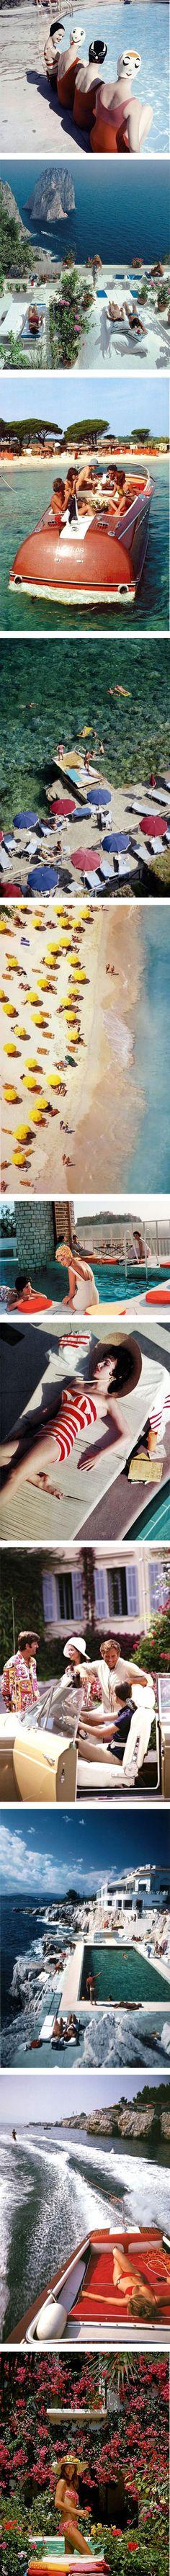 Summer by Slim Aarons via Nuji.com